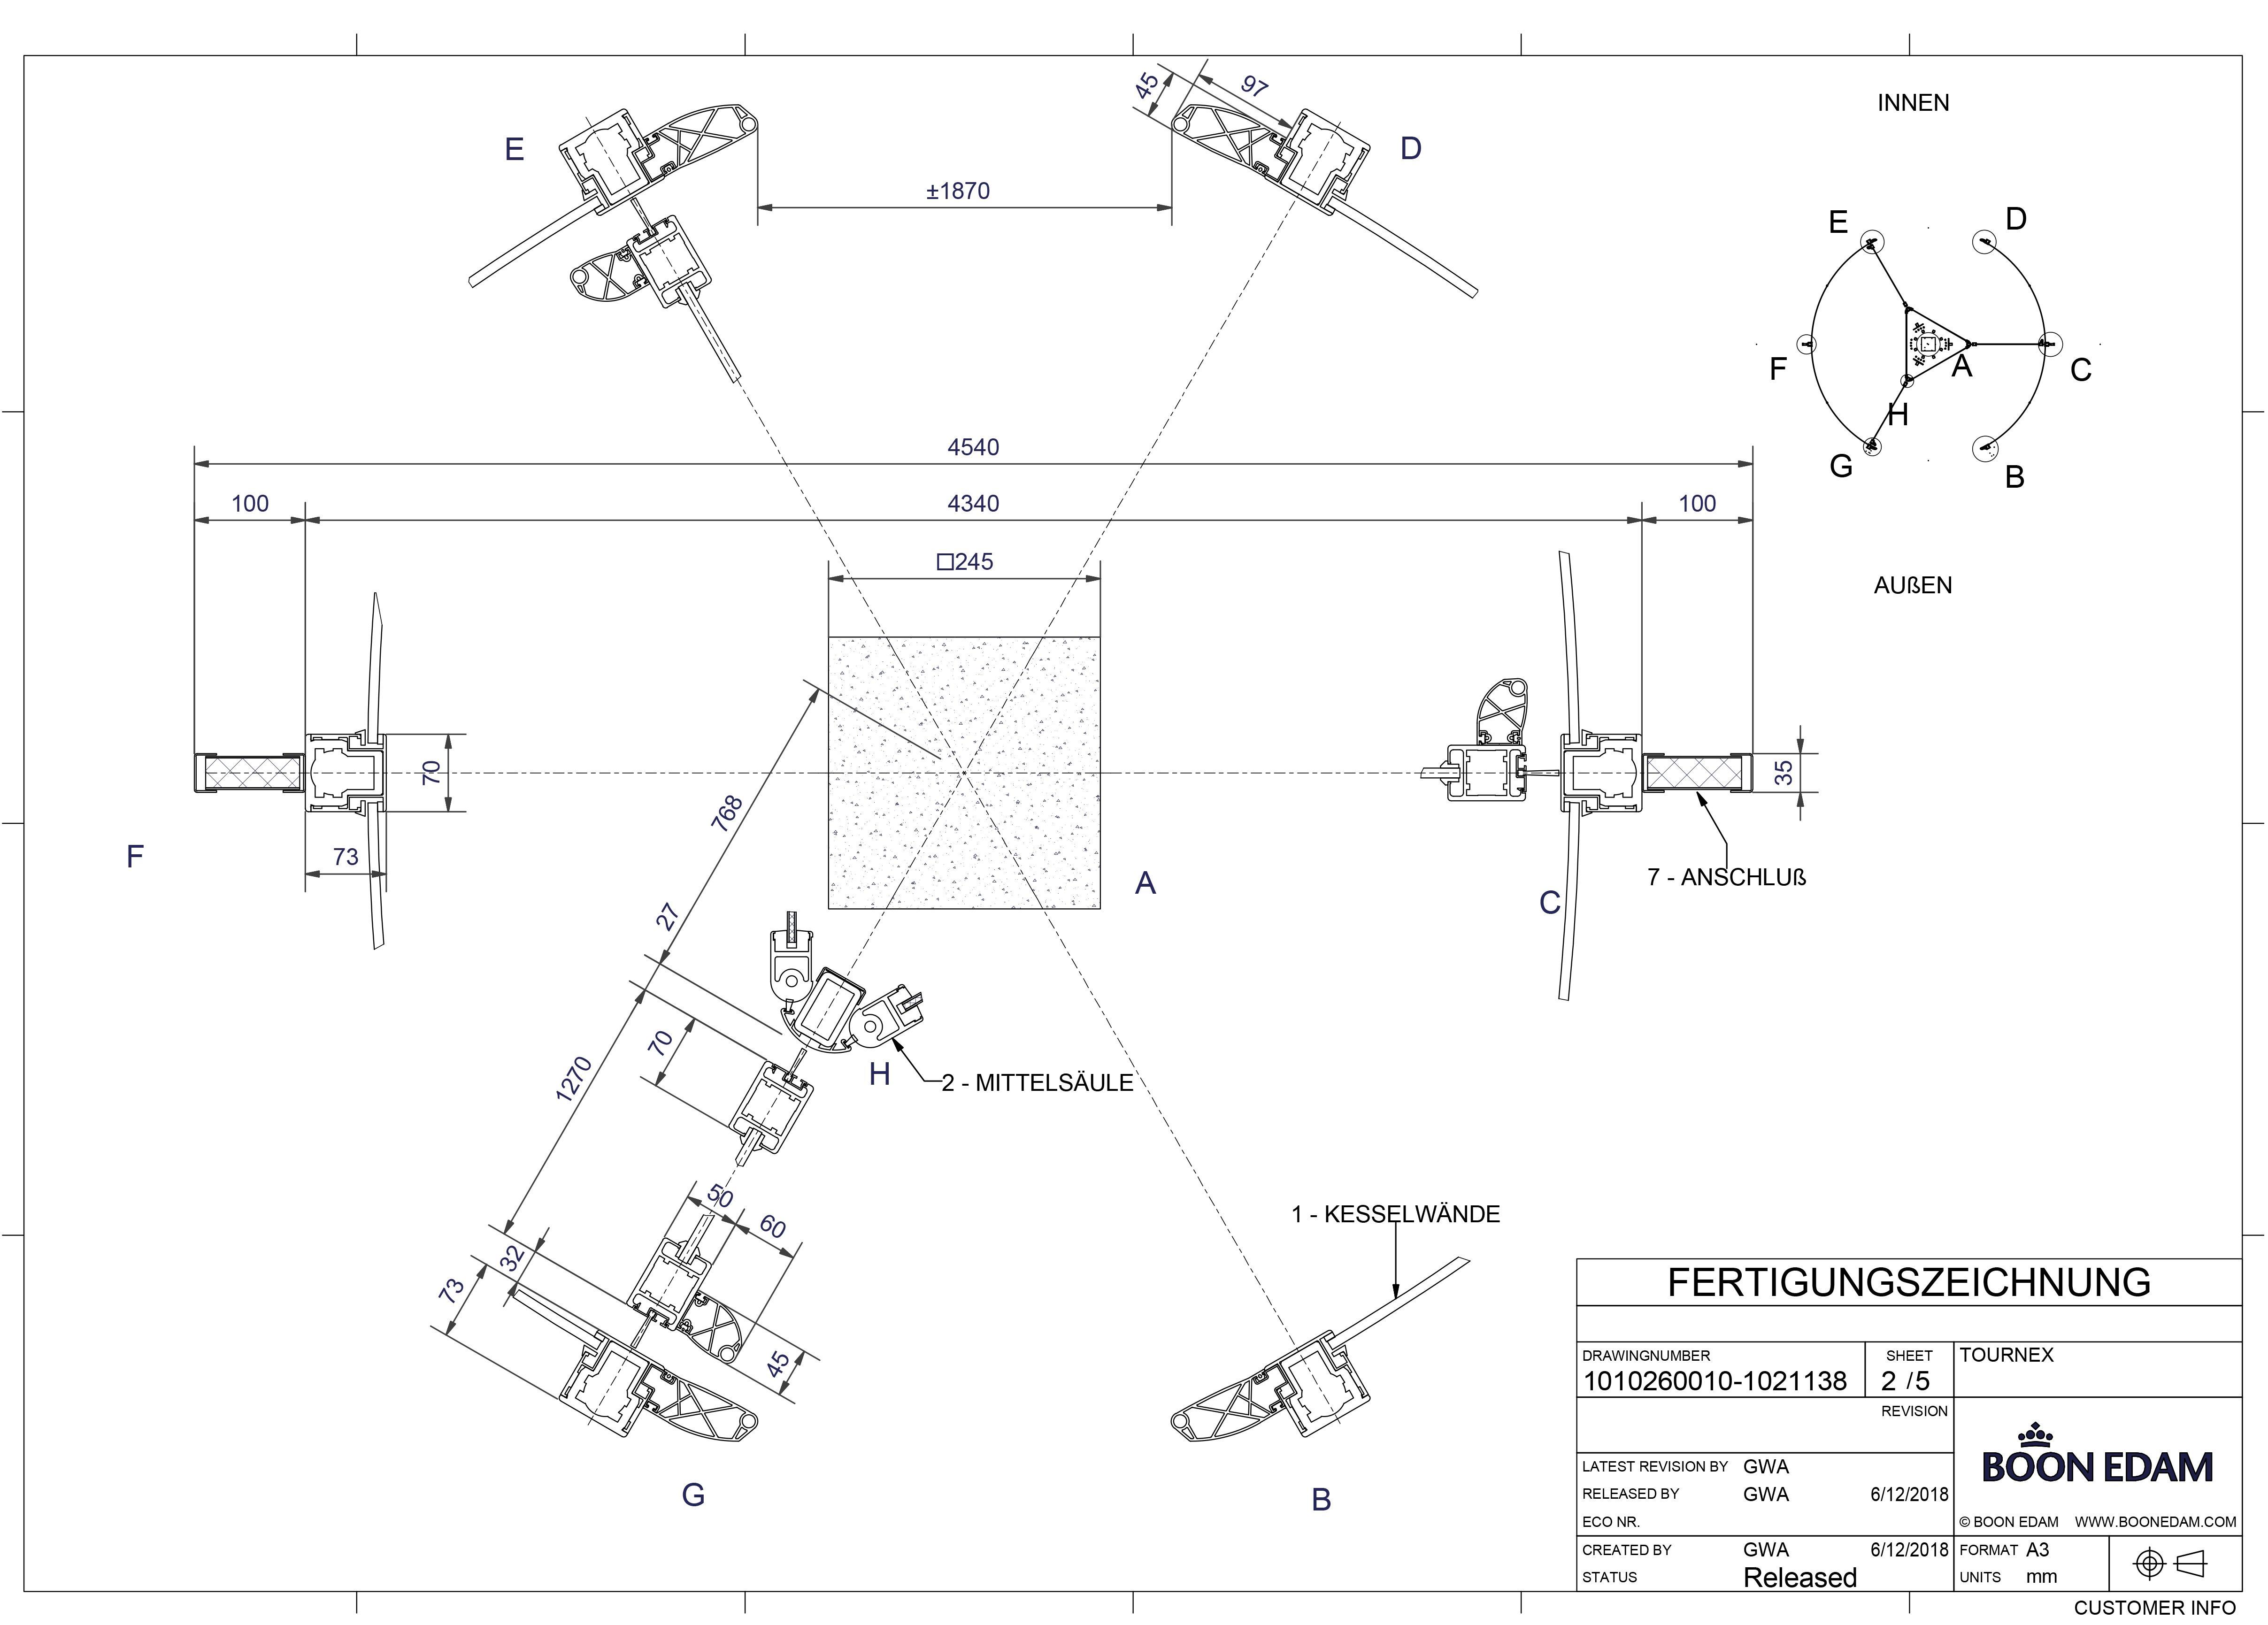 Über die Cideon Conversion Engine werden freigegebene Zeichnungen aus der Konstruktion automatisch als PDF generiert und stehen logistischen ERP-Prozessen unternehmensweit zur Verfügung.